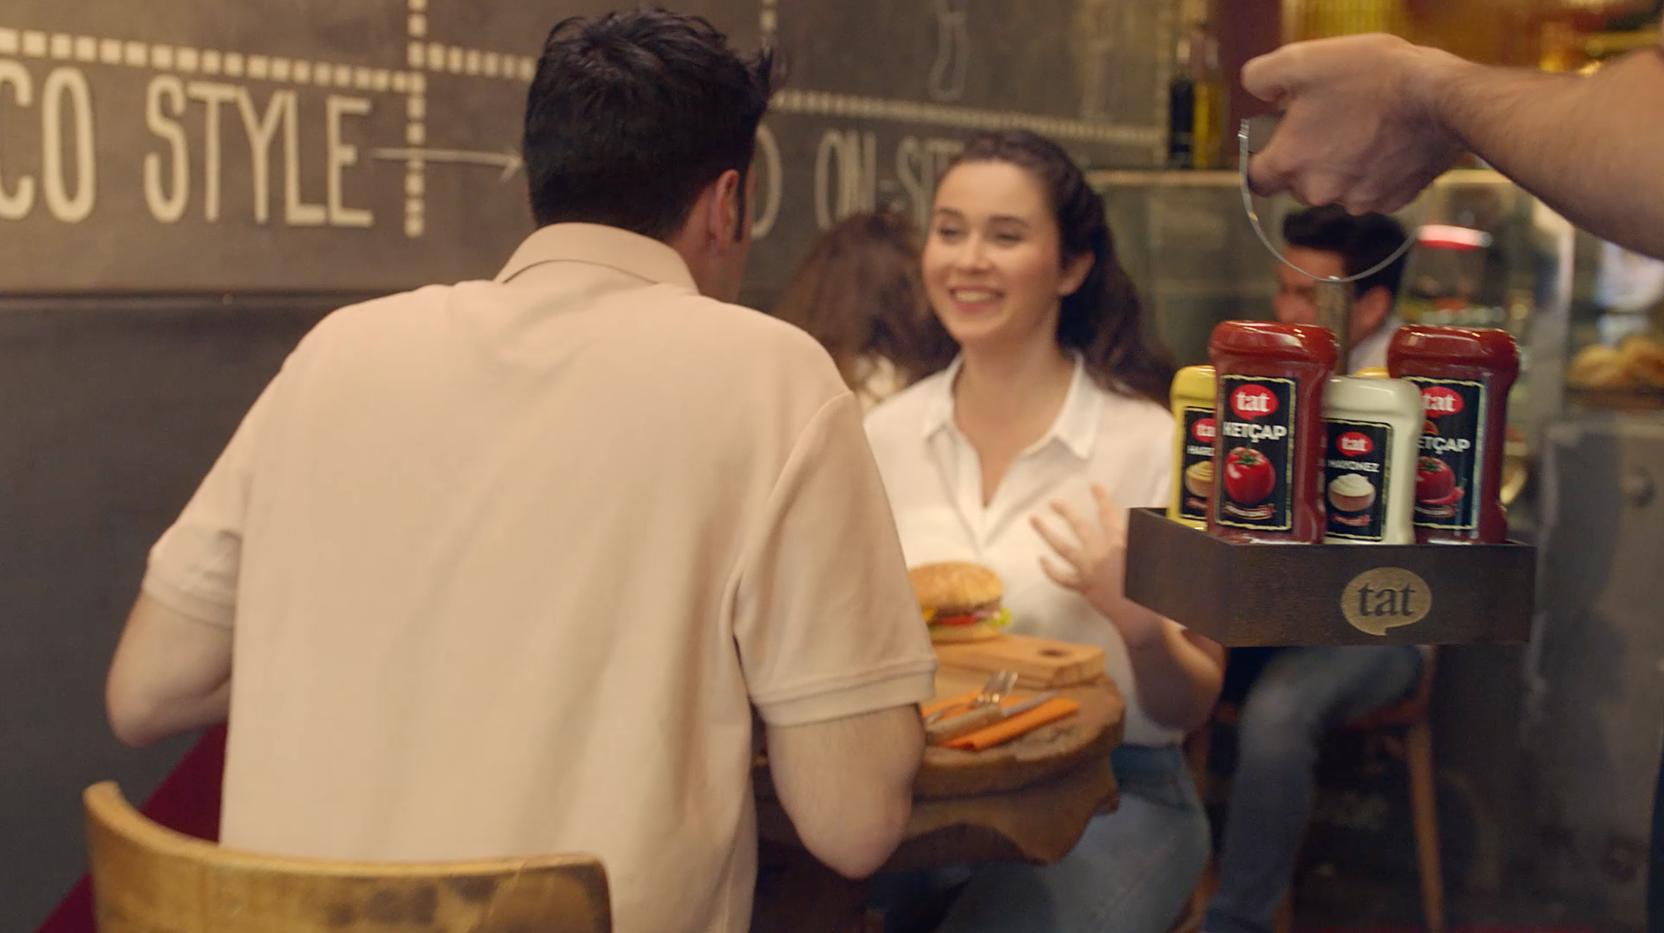 Yeni şişesi ve reklam filmiyle Tat Ketçap sofralarda